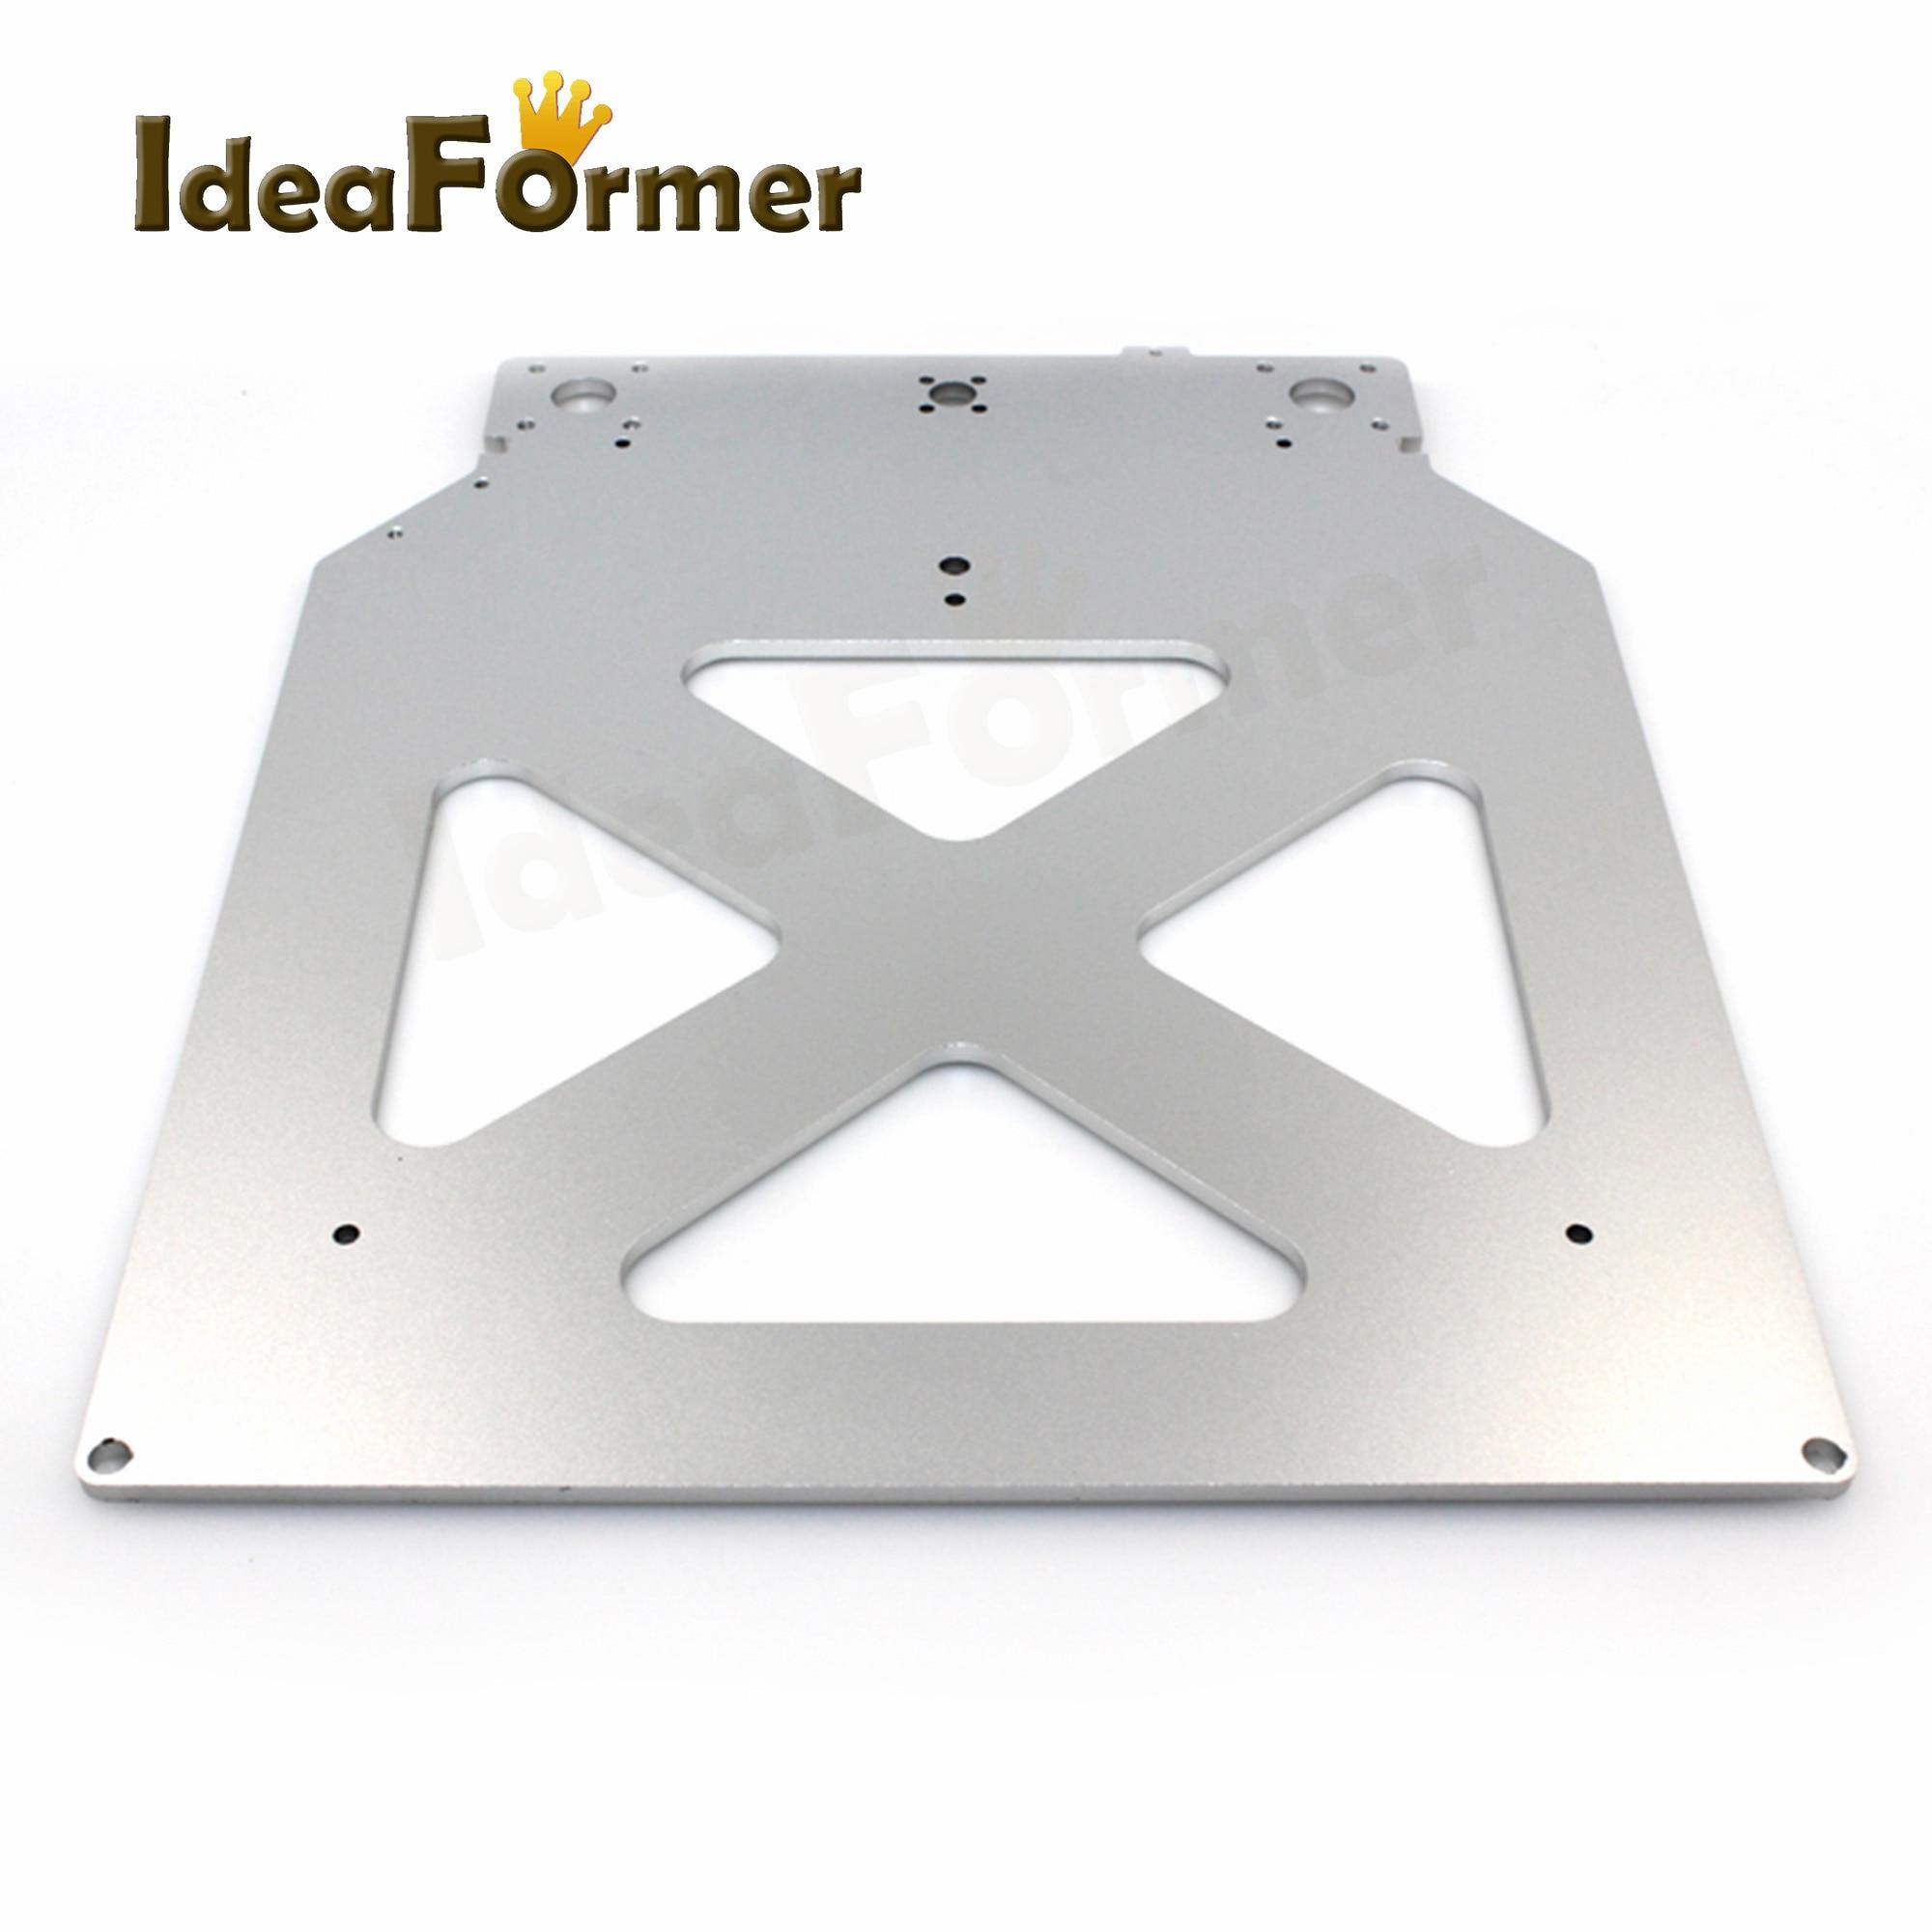 UM2 Z Table aluminum heat bed hot Base Plate platform bracket support 3D printer parts